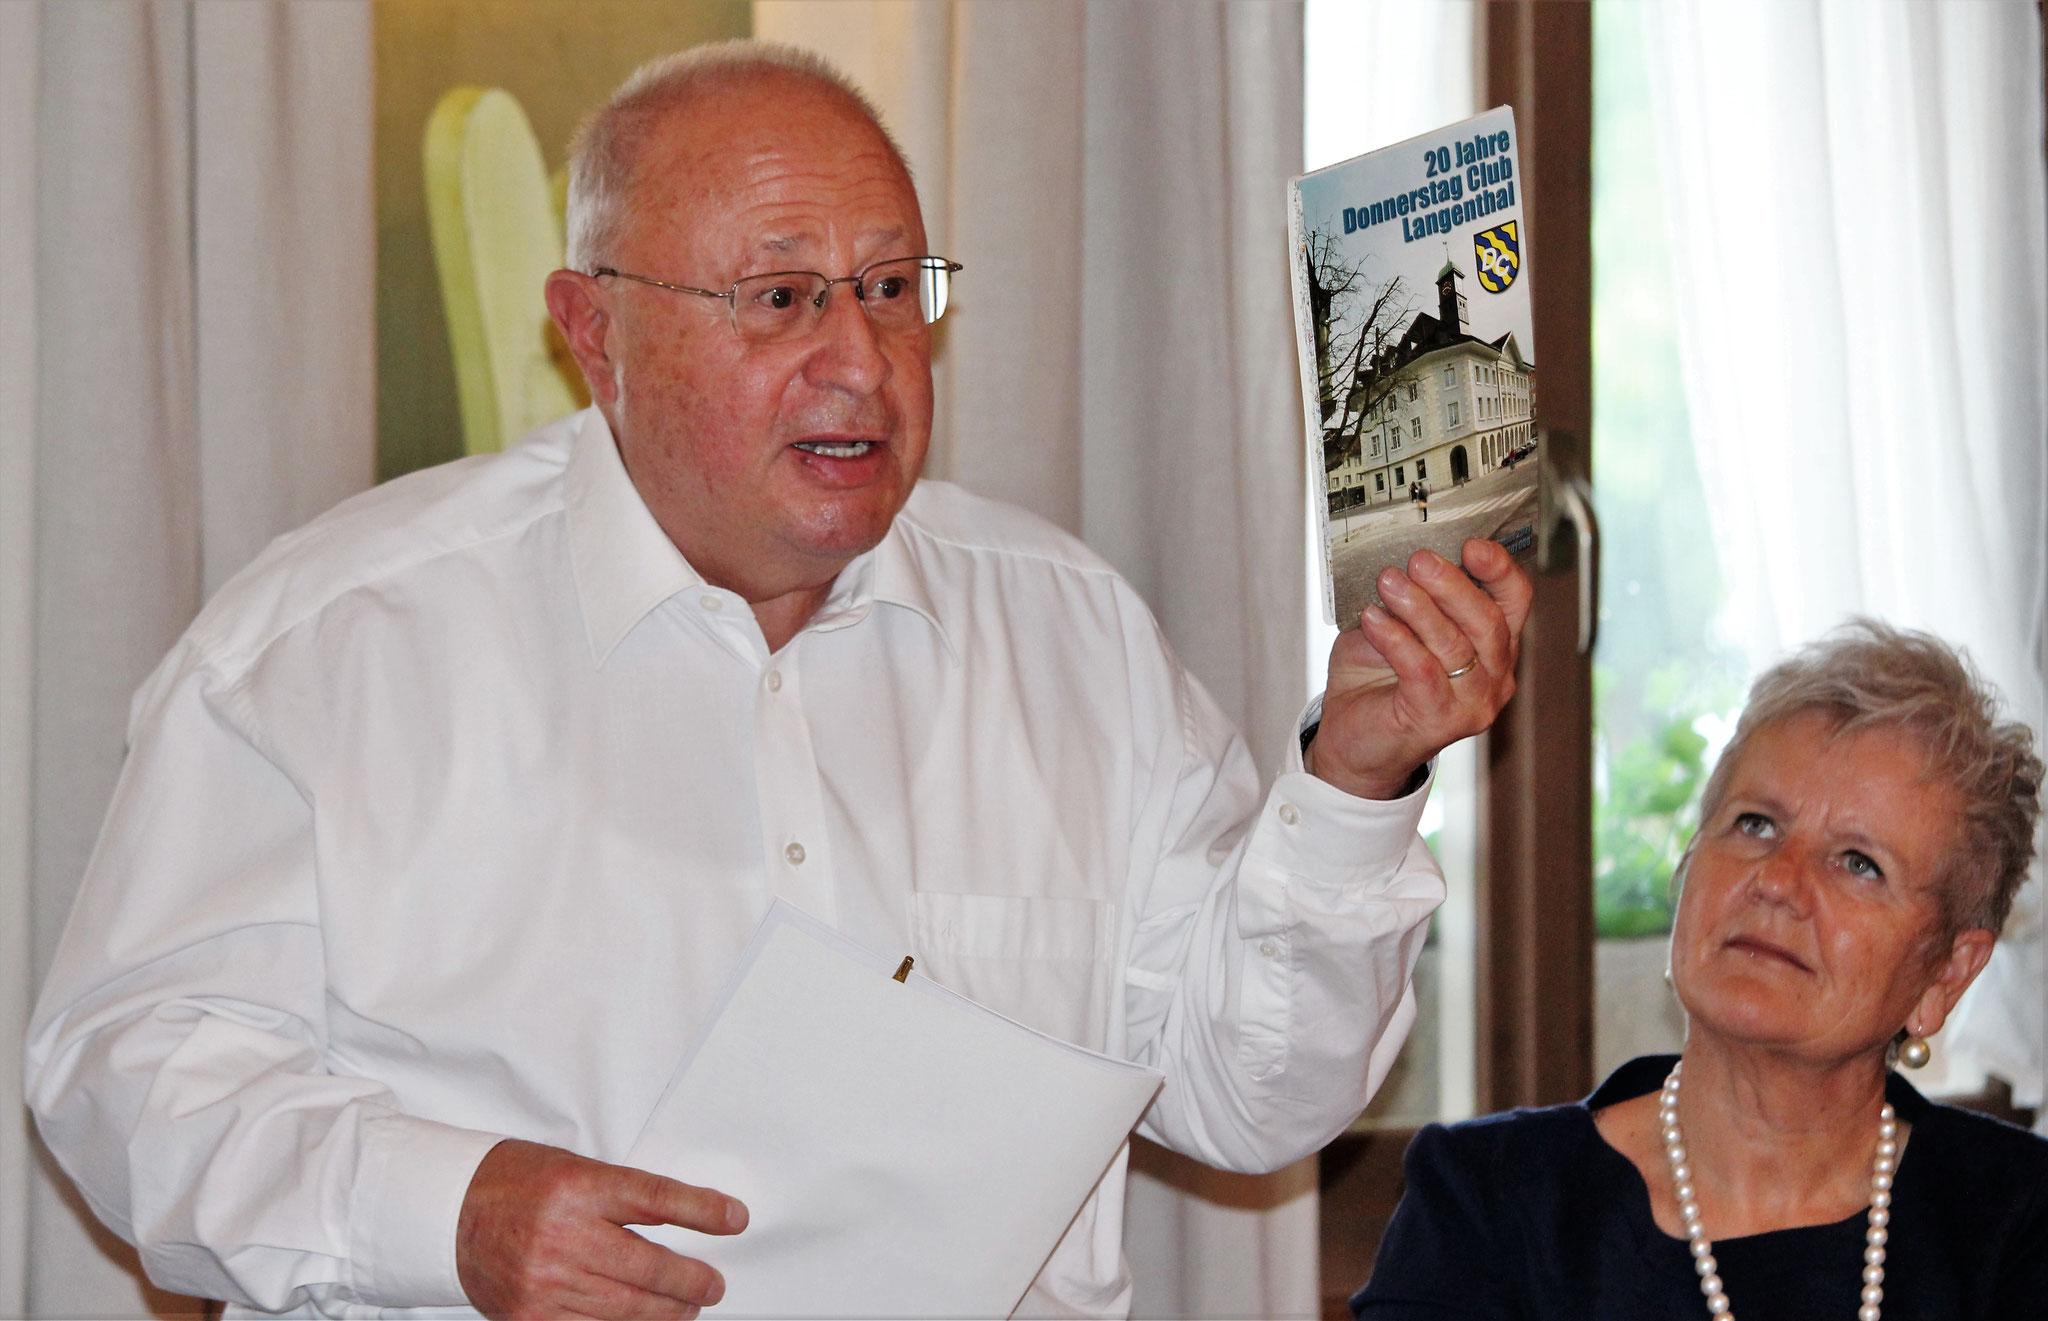 """Ehrenpräsident William Trösch (Langenthal) schwärmt vom Buch """"Sport im Oberaargau"""", das zum 40-Jahr-Jubiläum des Donnerstag Club Oberaargau im Jahr 2021 erscheinen soll."""